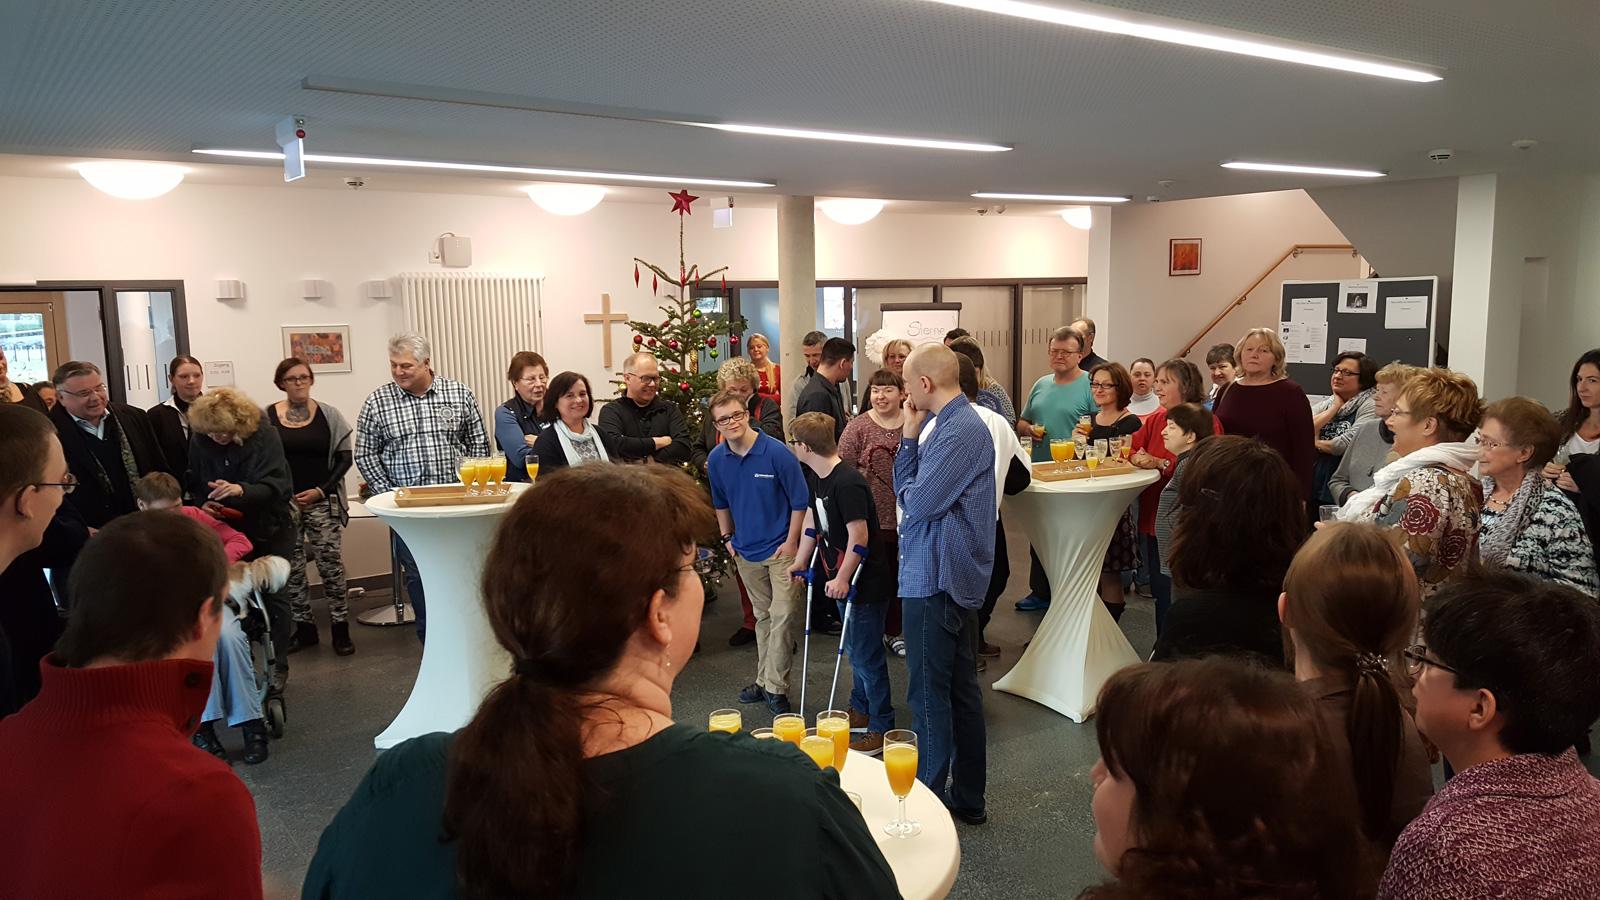 """Gut besucht war die beschauliche Adventsfeier des neuen Wohnheims """"Inklusive Wohnwelt"""" in Altdorf am dritten dventswochenende.Bewohner und Mitarbeiter hatten Angehörige und Vorstand zum gemütlichen Adventskaffee eingeladen."""